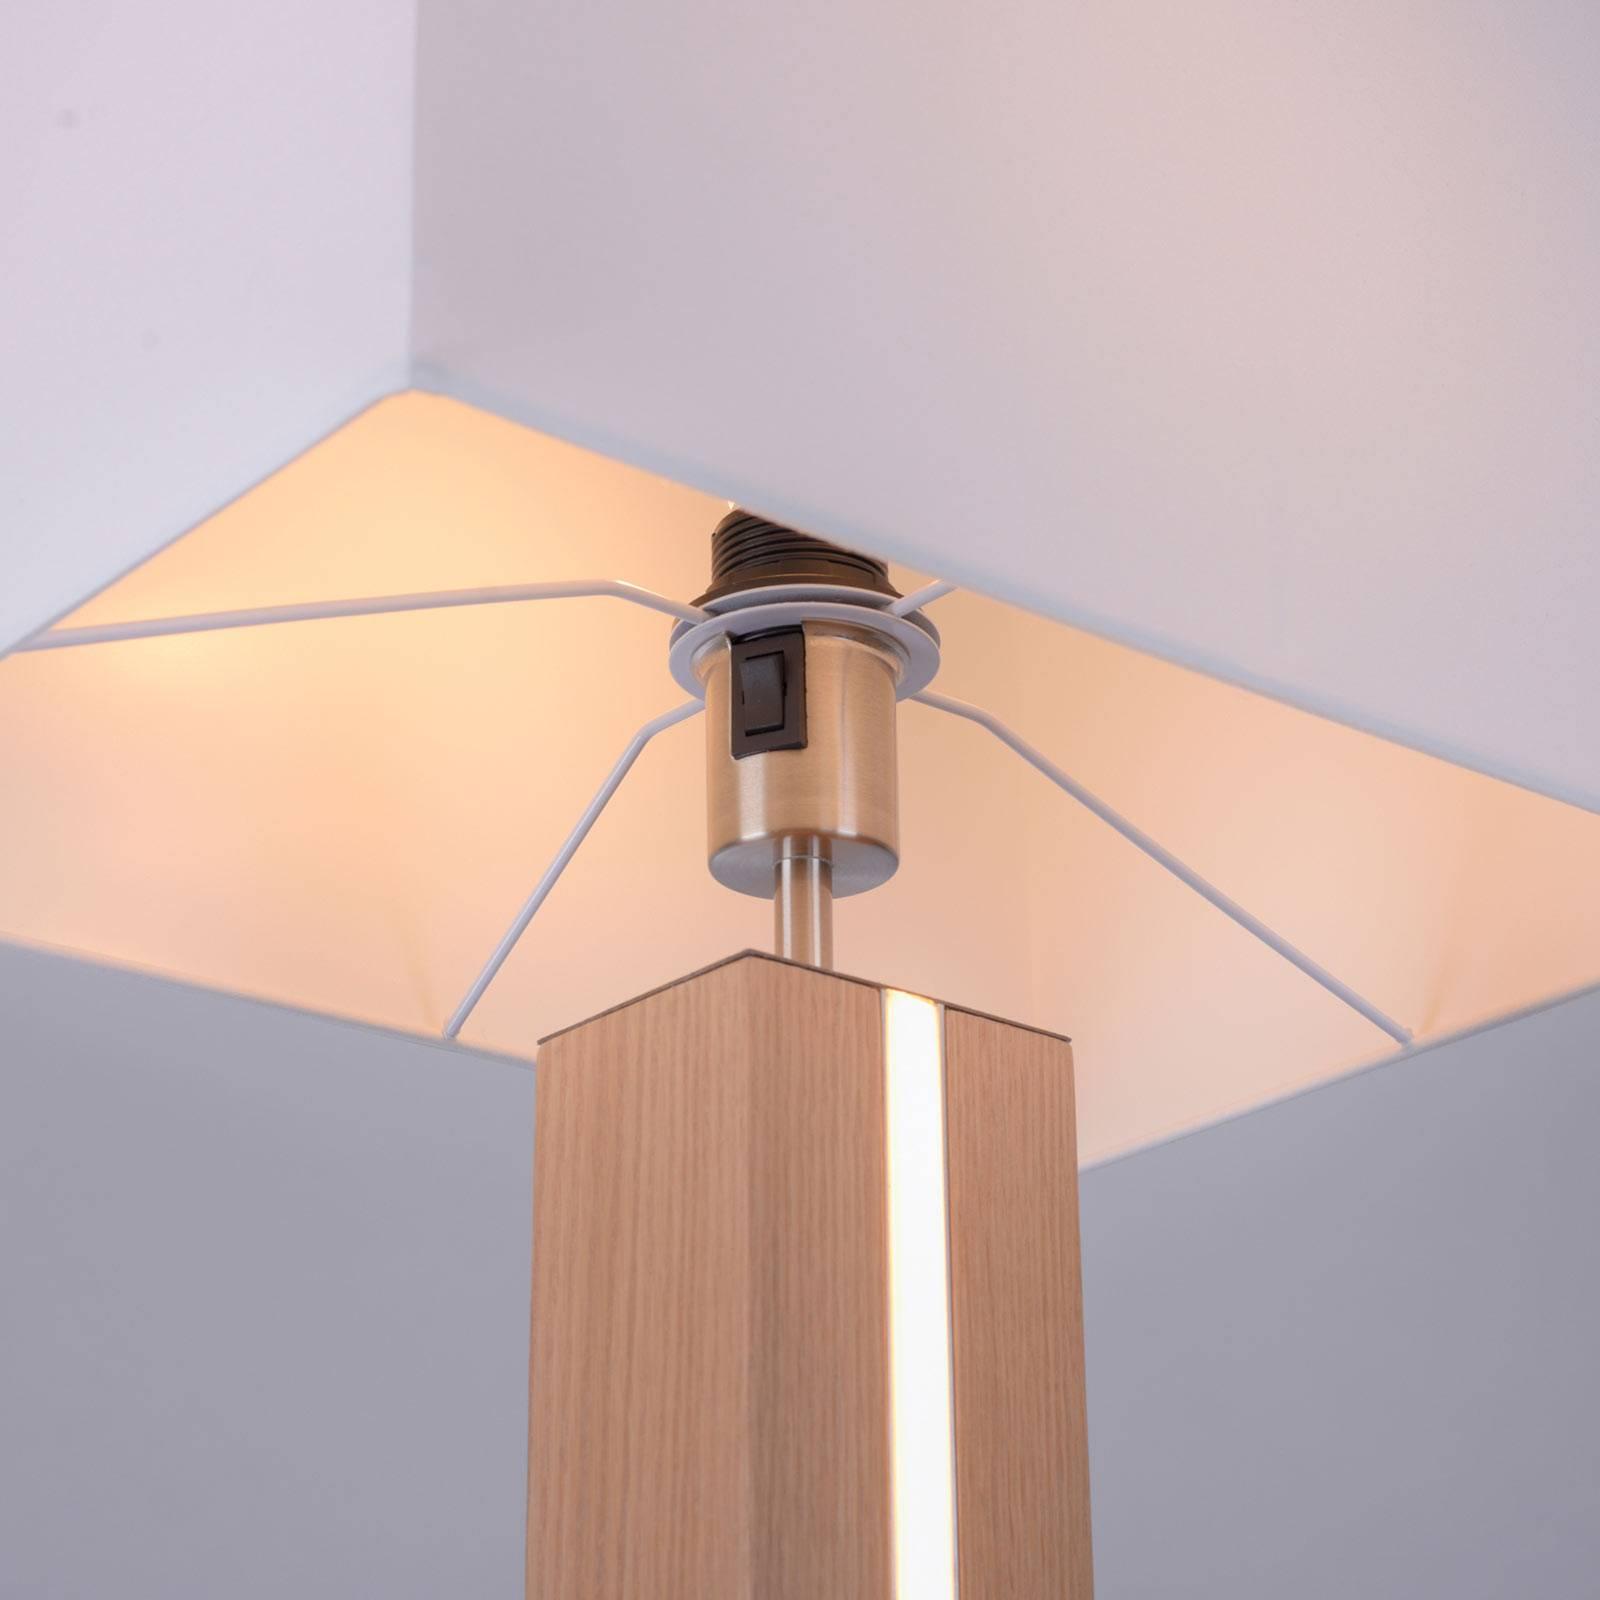 Lampadaire Amanda à 2 lampes en aspect bois